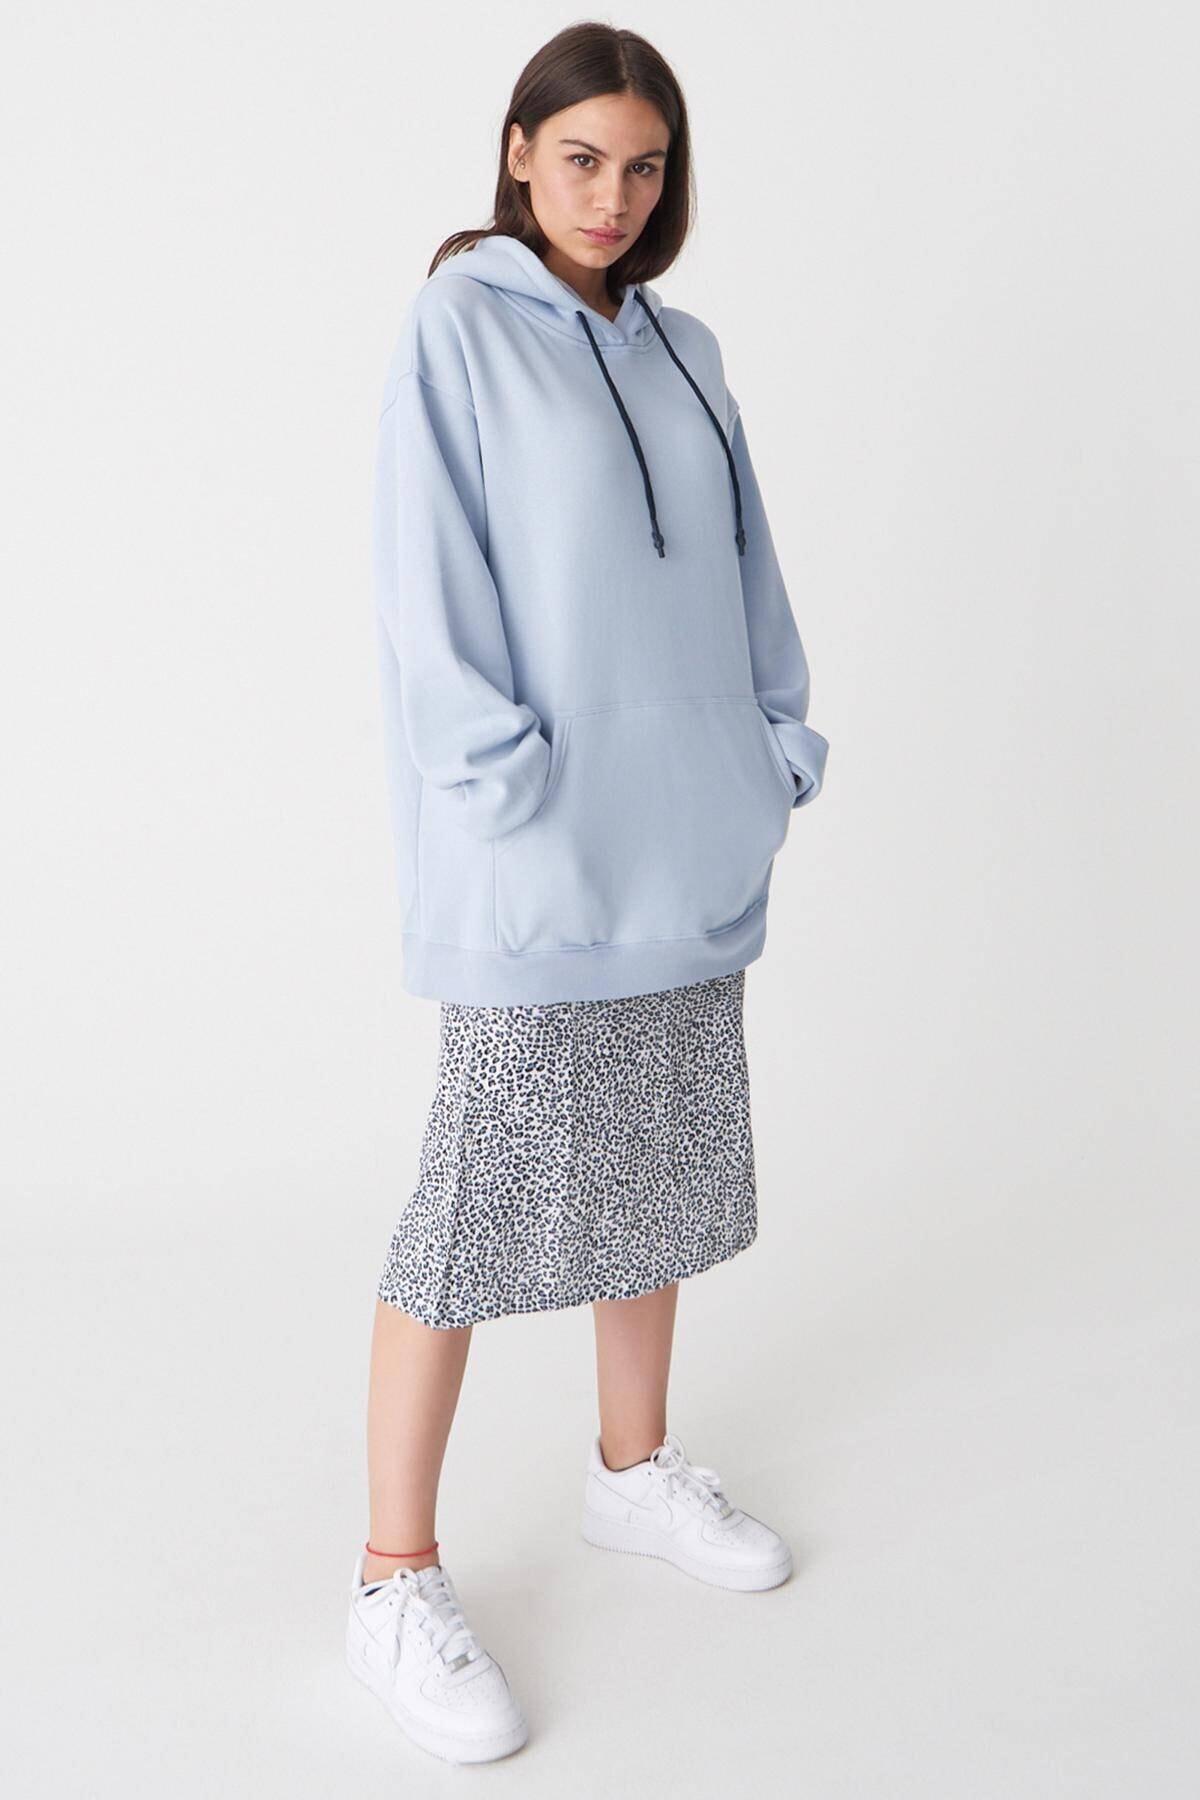 Addax Kadın Buz Mavi Kapüşonlu Oversize Sweat S0925 - N4 - P3 ADX-0000022256 2